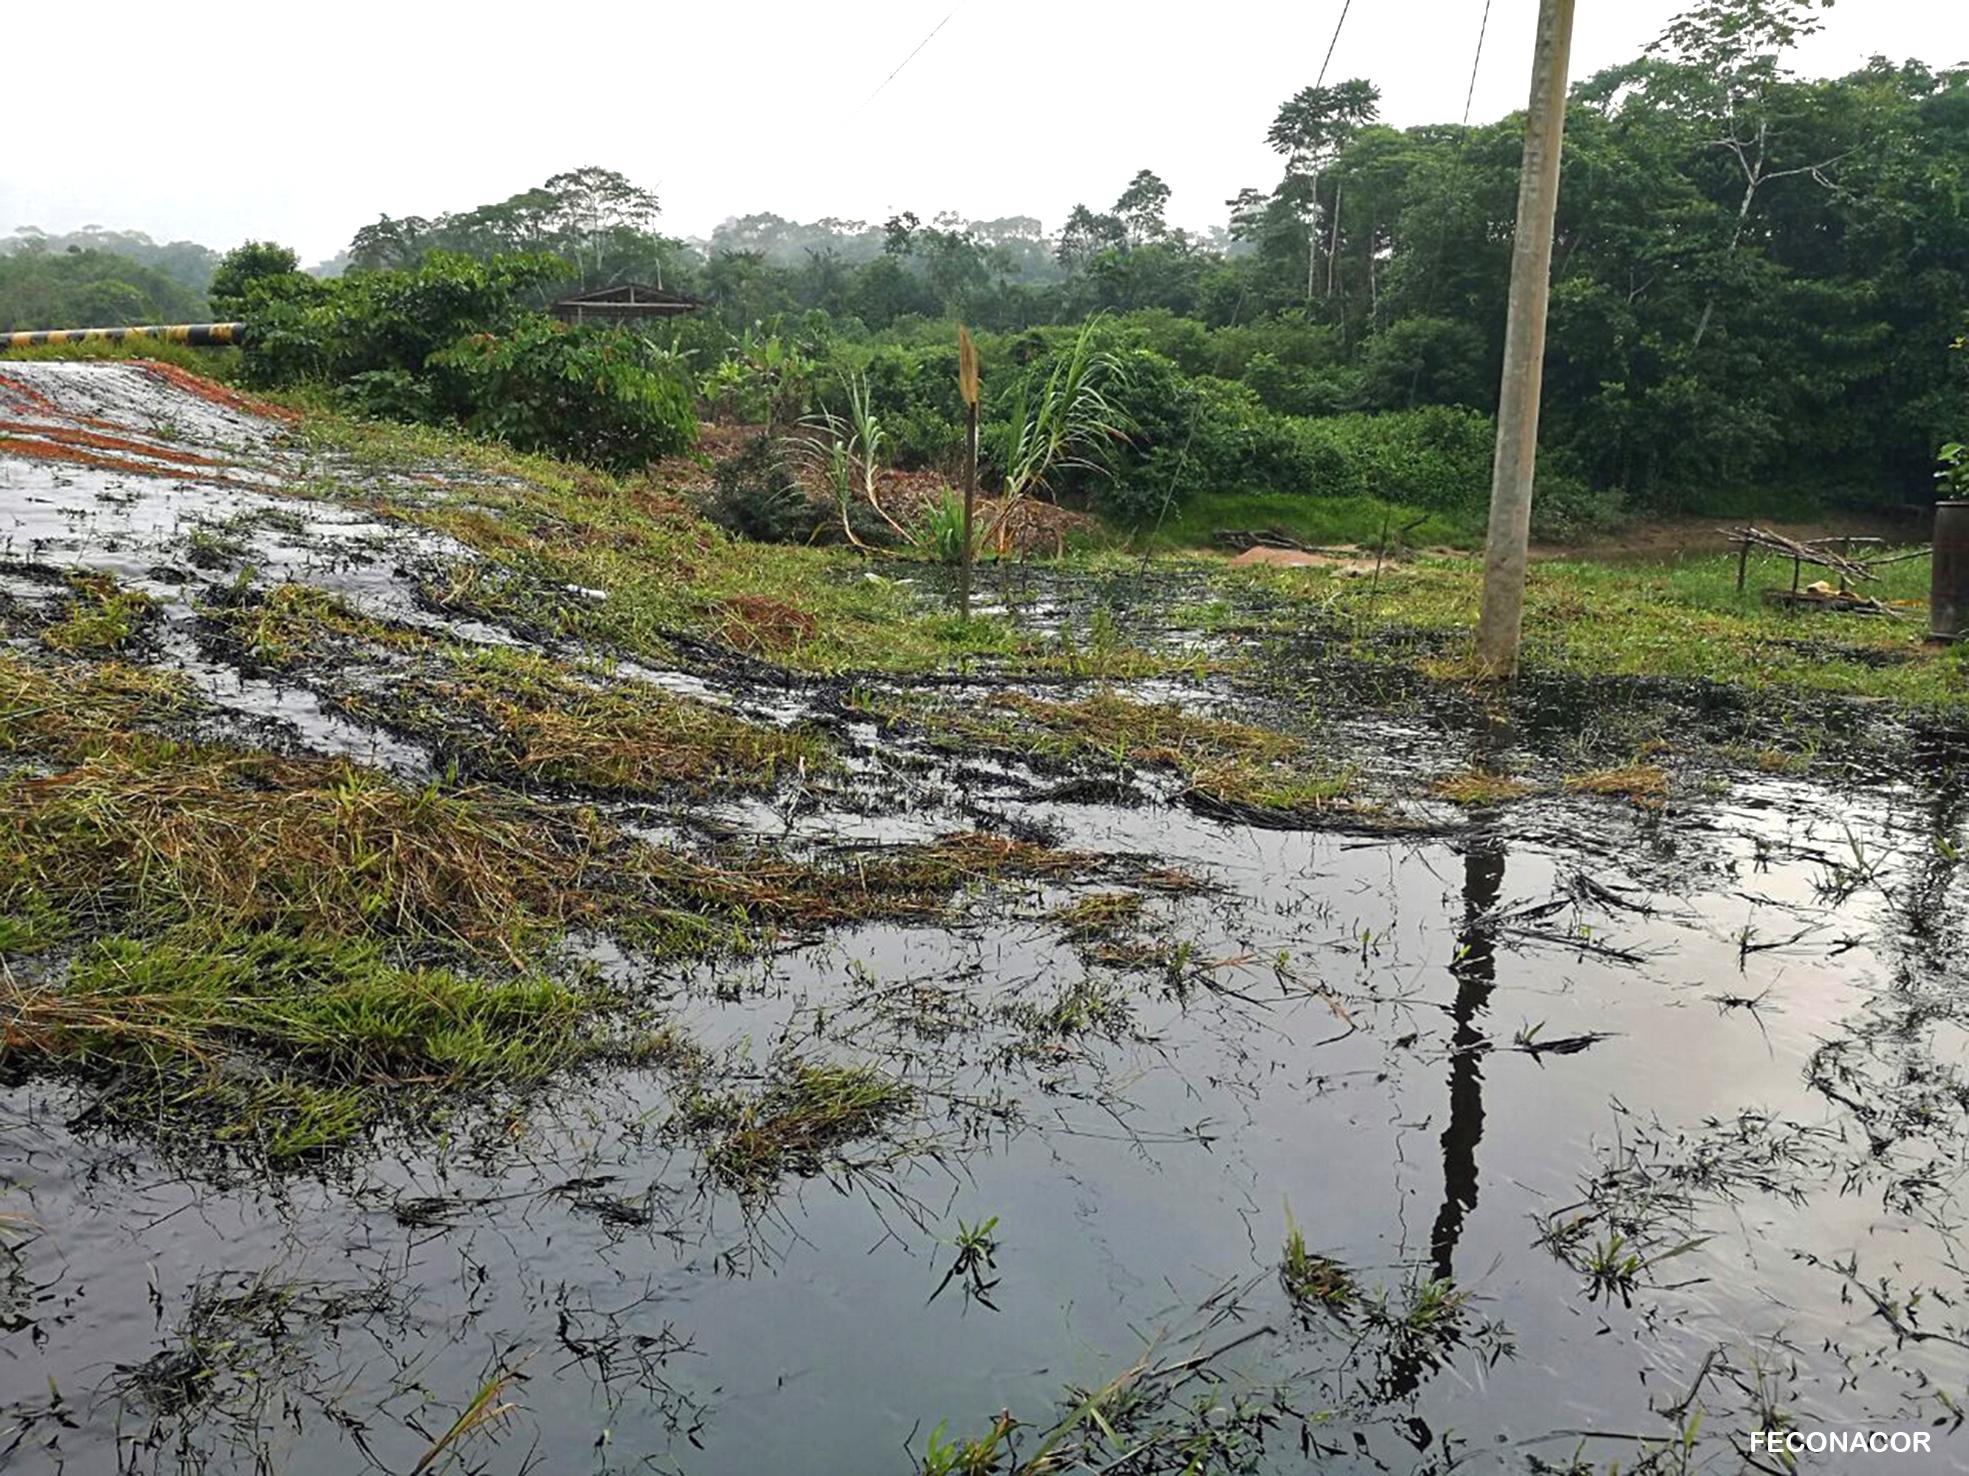 Según los dirigentes indígenas se habrían vertido unos mil barriles de petróleo. Foto: Feconacor